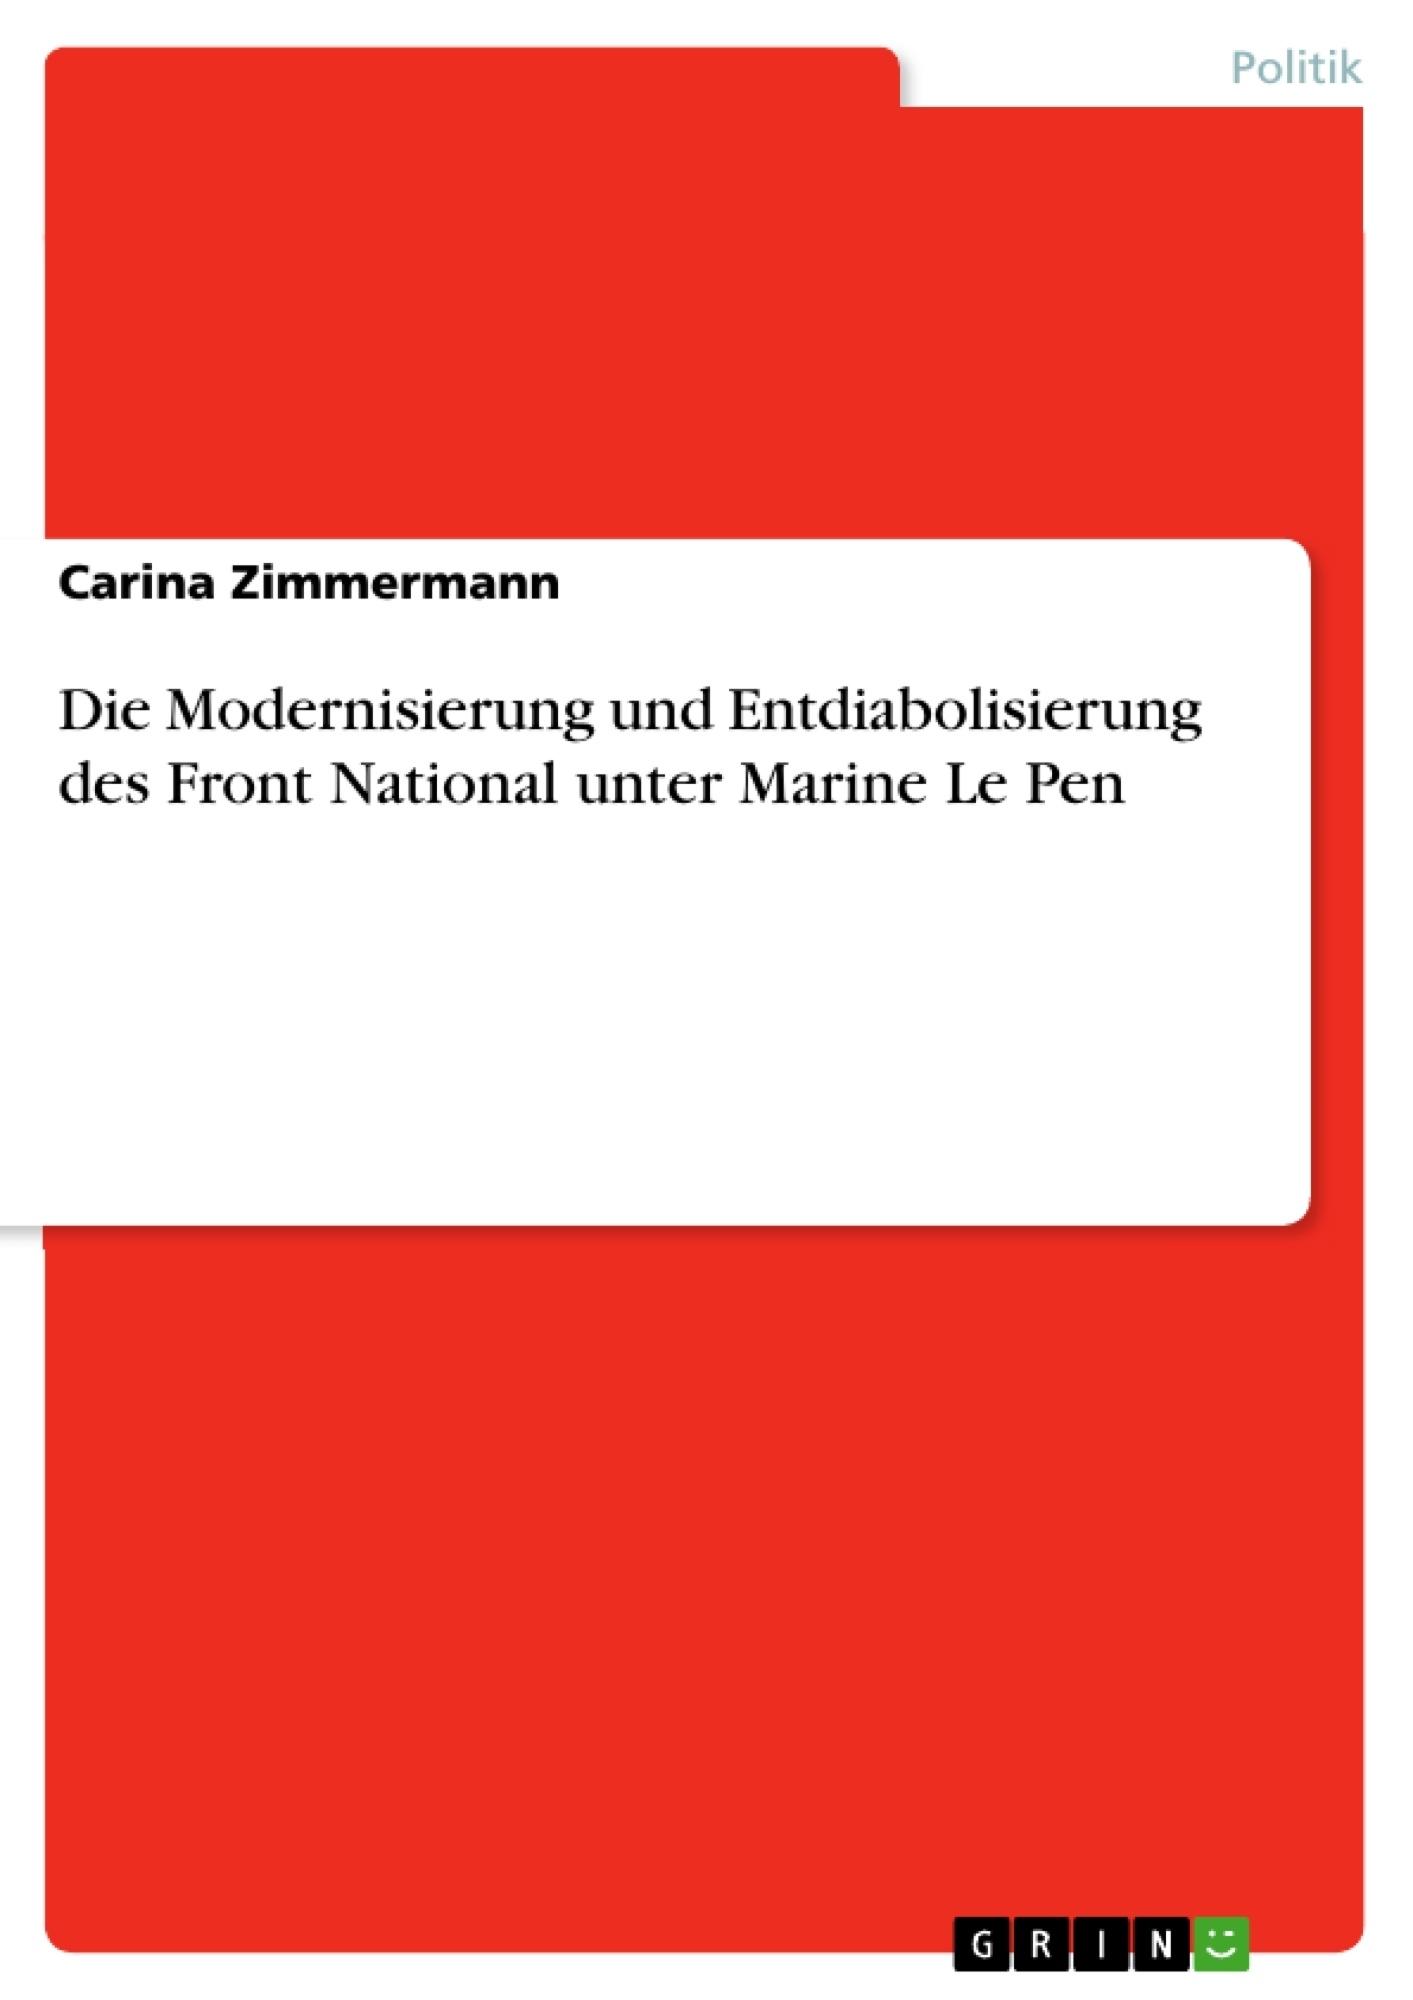 Titel: Die Modernisierung und Entdiabolisierung des Front National unter Marine Le Pen